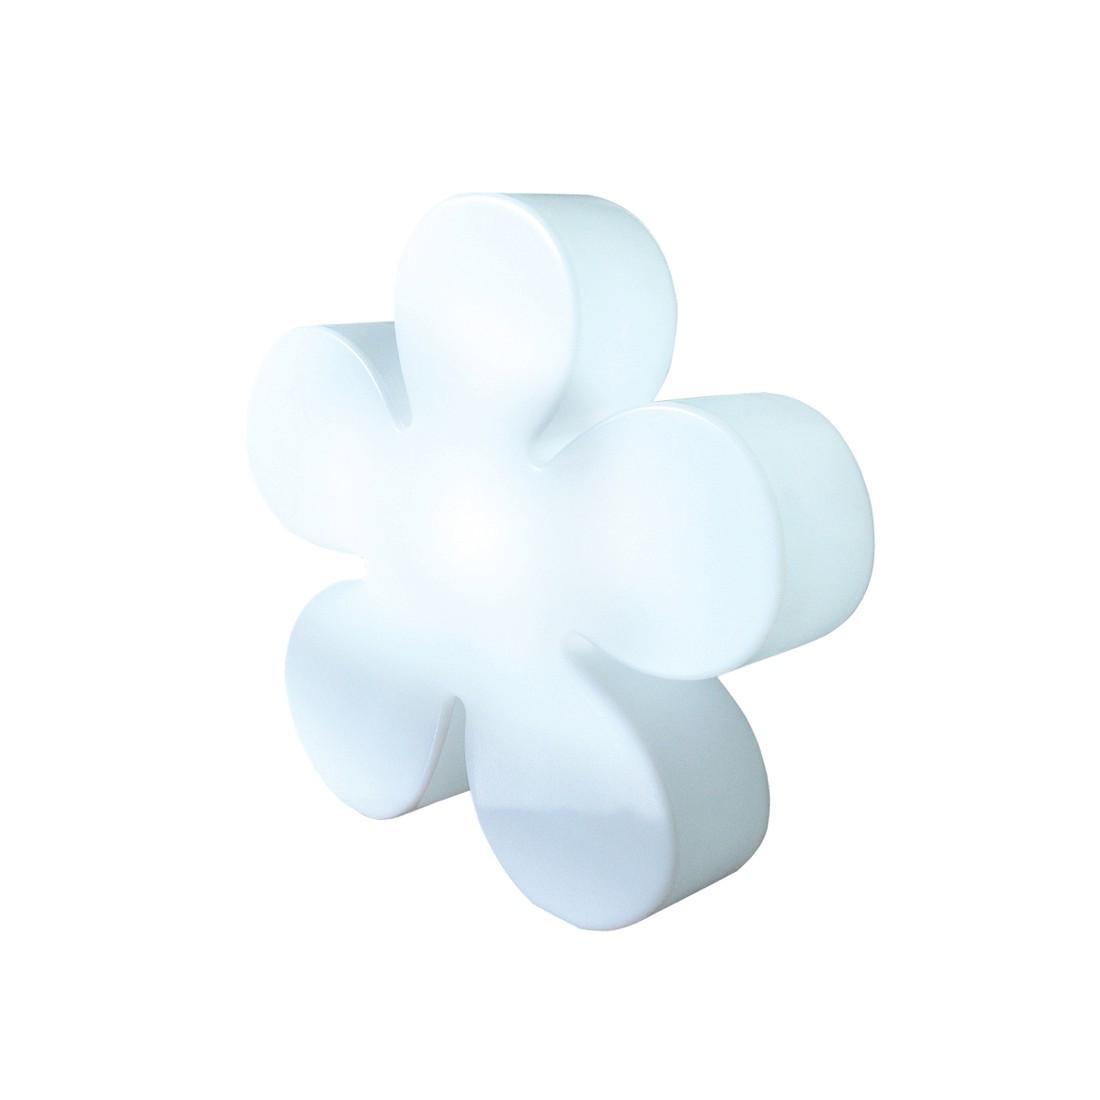 Aussenleuchte Blume 40cm - Kunststoff - Weiss, PureDay